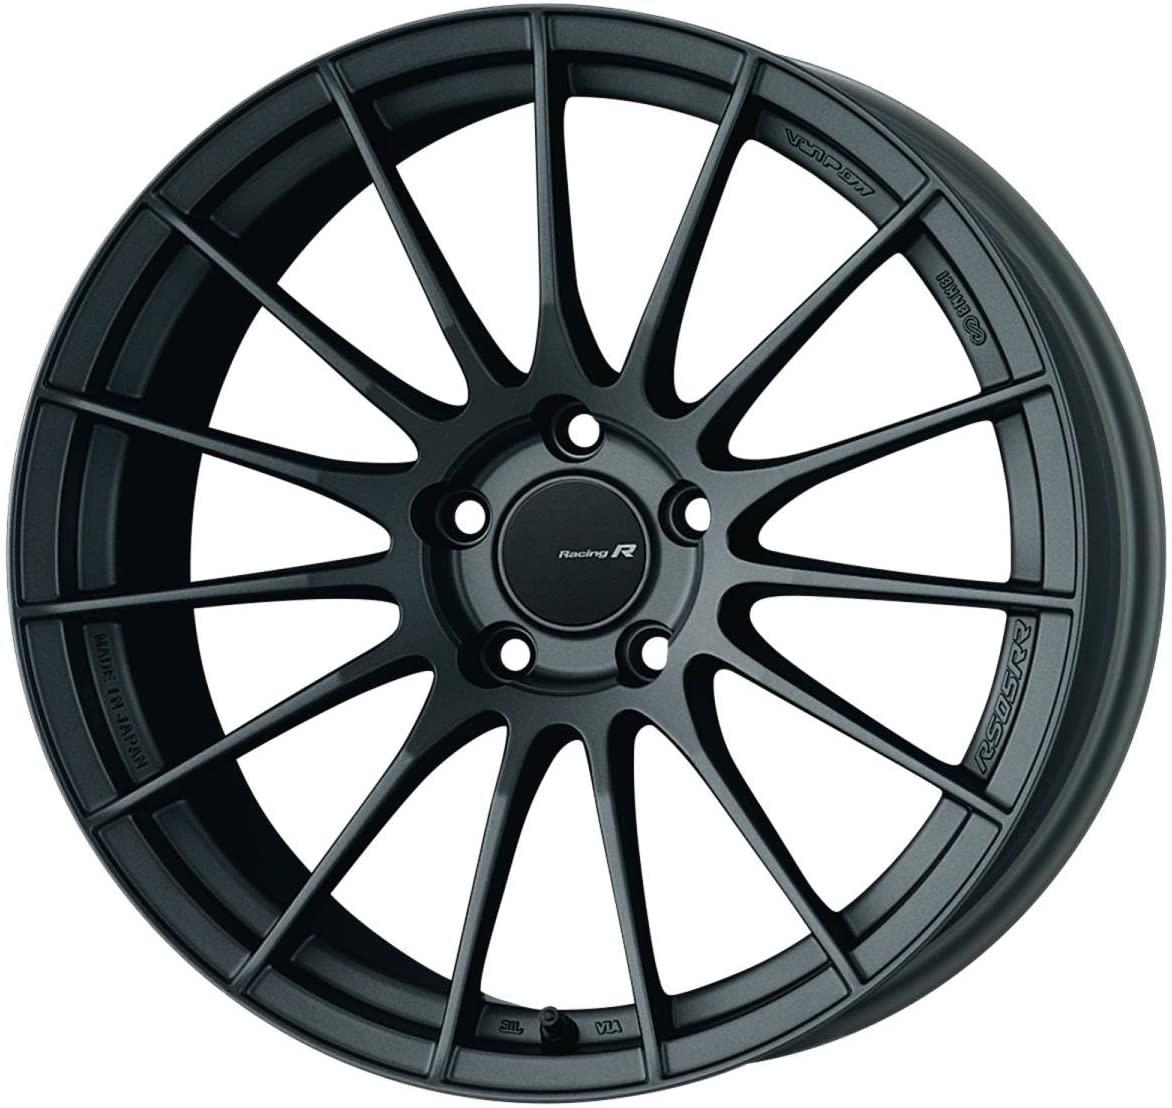 18x10.5 Enkei RS05RR (Matte Gunmetallic) Wheels/Rims 5x114.3 (484-8105-6522GM)